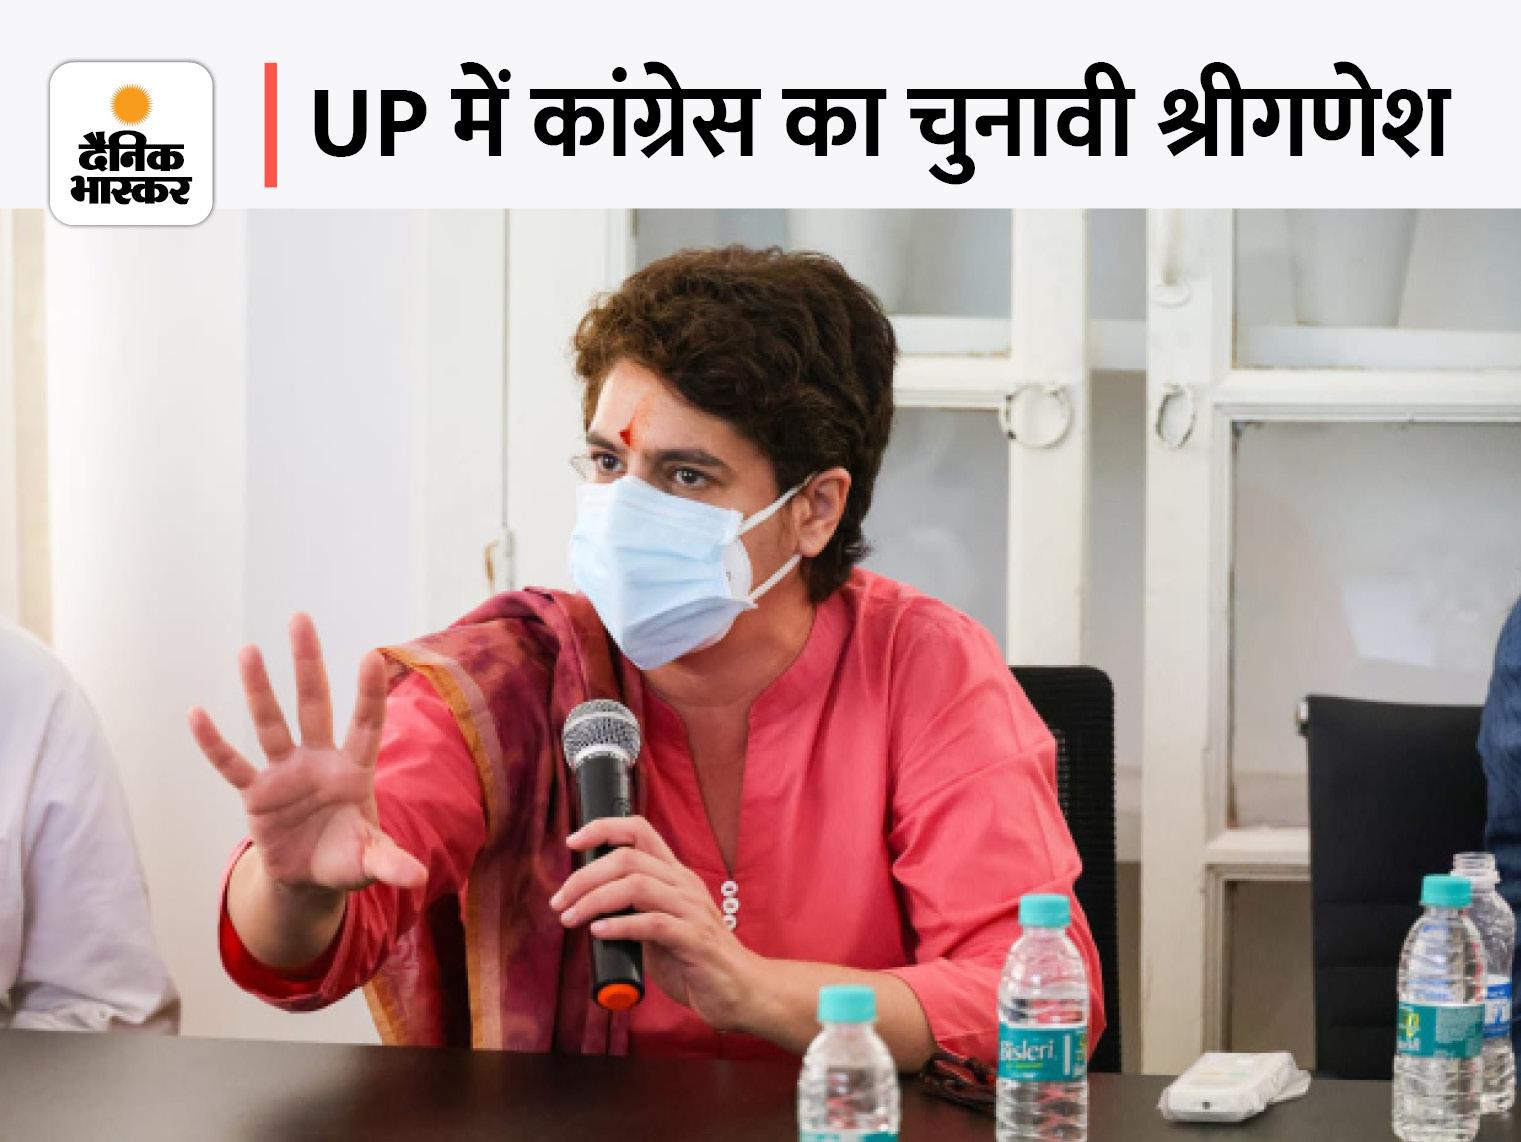 लखनऊ में प्रियंका गांधी ने एडवायजरी कमेटी की बैठक में लिया बड़ा फैसला, बोलीं- हम वचन निभाएंगे, यात्रा 12 हजार किमी चलेगी|लखनऊ,Lucknow - Dainik Bhaskar